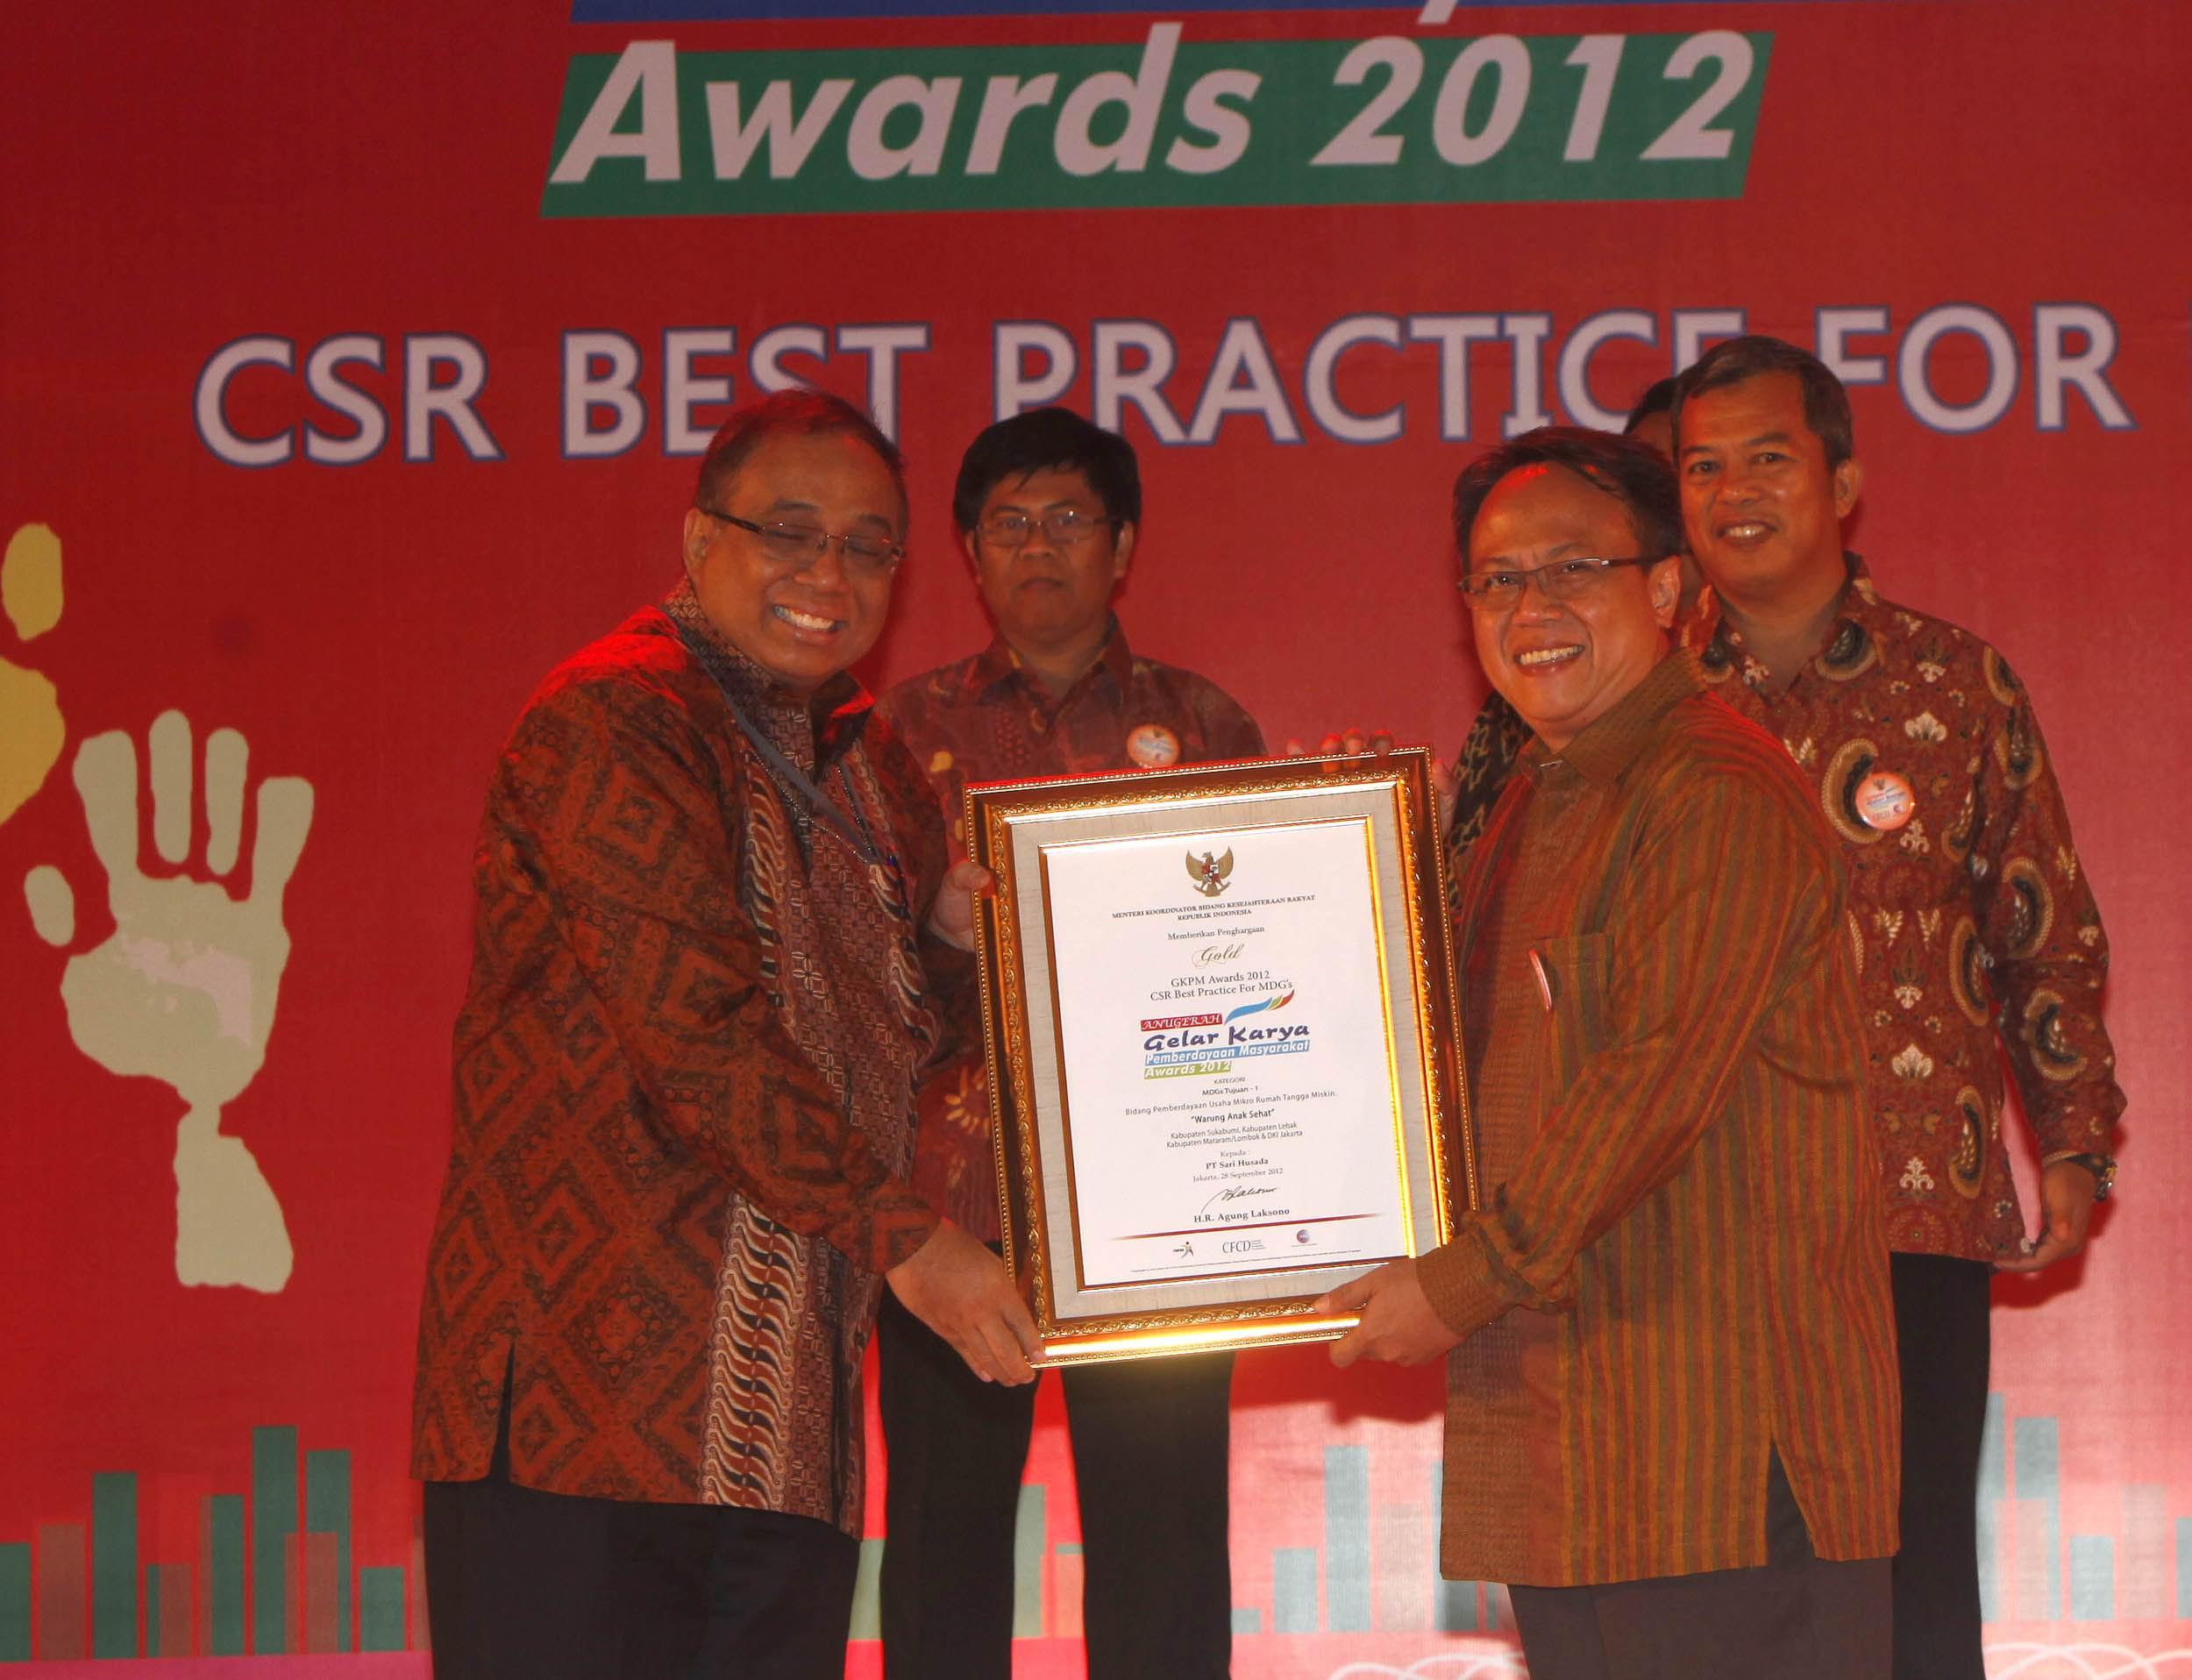 Head of Corporate Affairs PT Sarihusada Arif Mujahidin (kanan) usai menerima GKPM Award Gold untuk Program Warung Anak Sehat yang diserahkan  Sekretaris Menteri Koordinator Kesejahteraan Rakyat Indroyono Soesilo di Jakarta, Jumat (28/9).  GKPM  Award digelar setiap tahun dan digagas  Kemenko Kesra dan CFCD.(her)